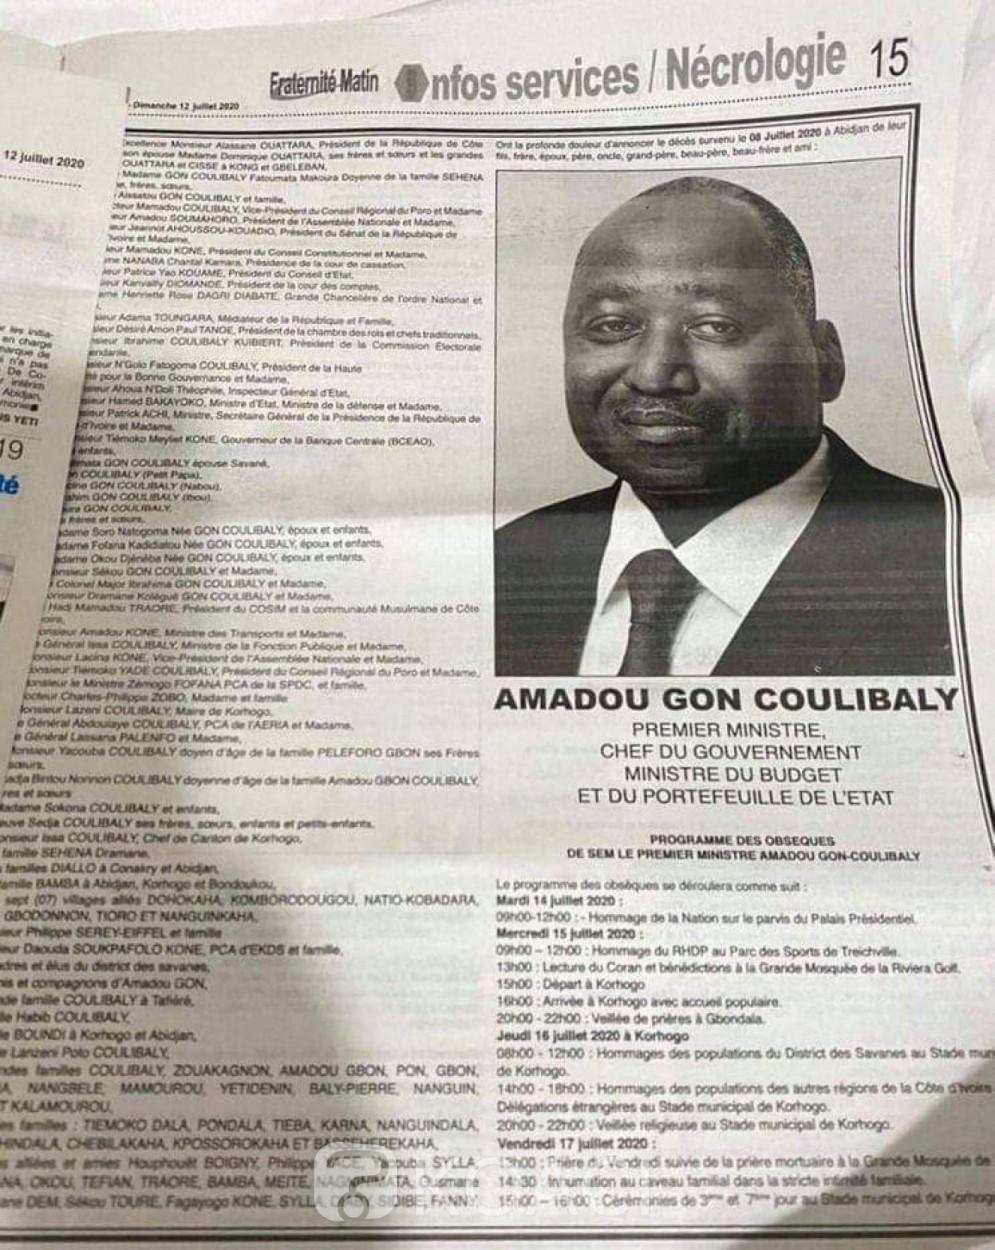 Côte d'Ivoire : Pendant qu'on annonce sa démission, le nom du Vice-président ne figure pas sur le «faire part » du décès de Amadou Gon Coulibaly